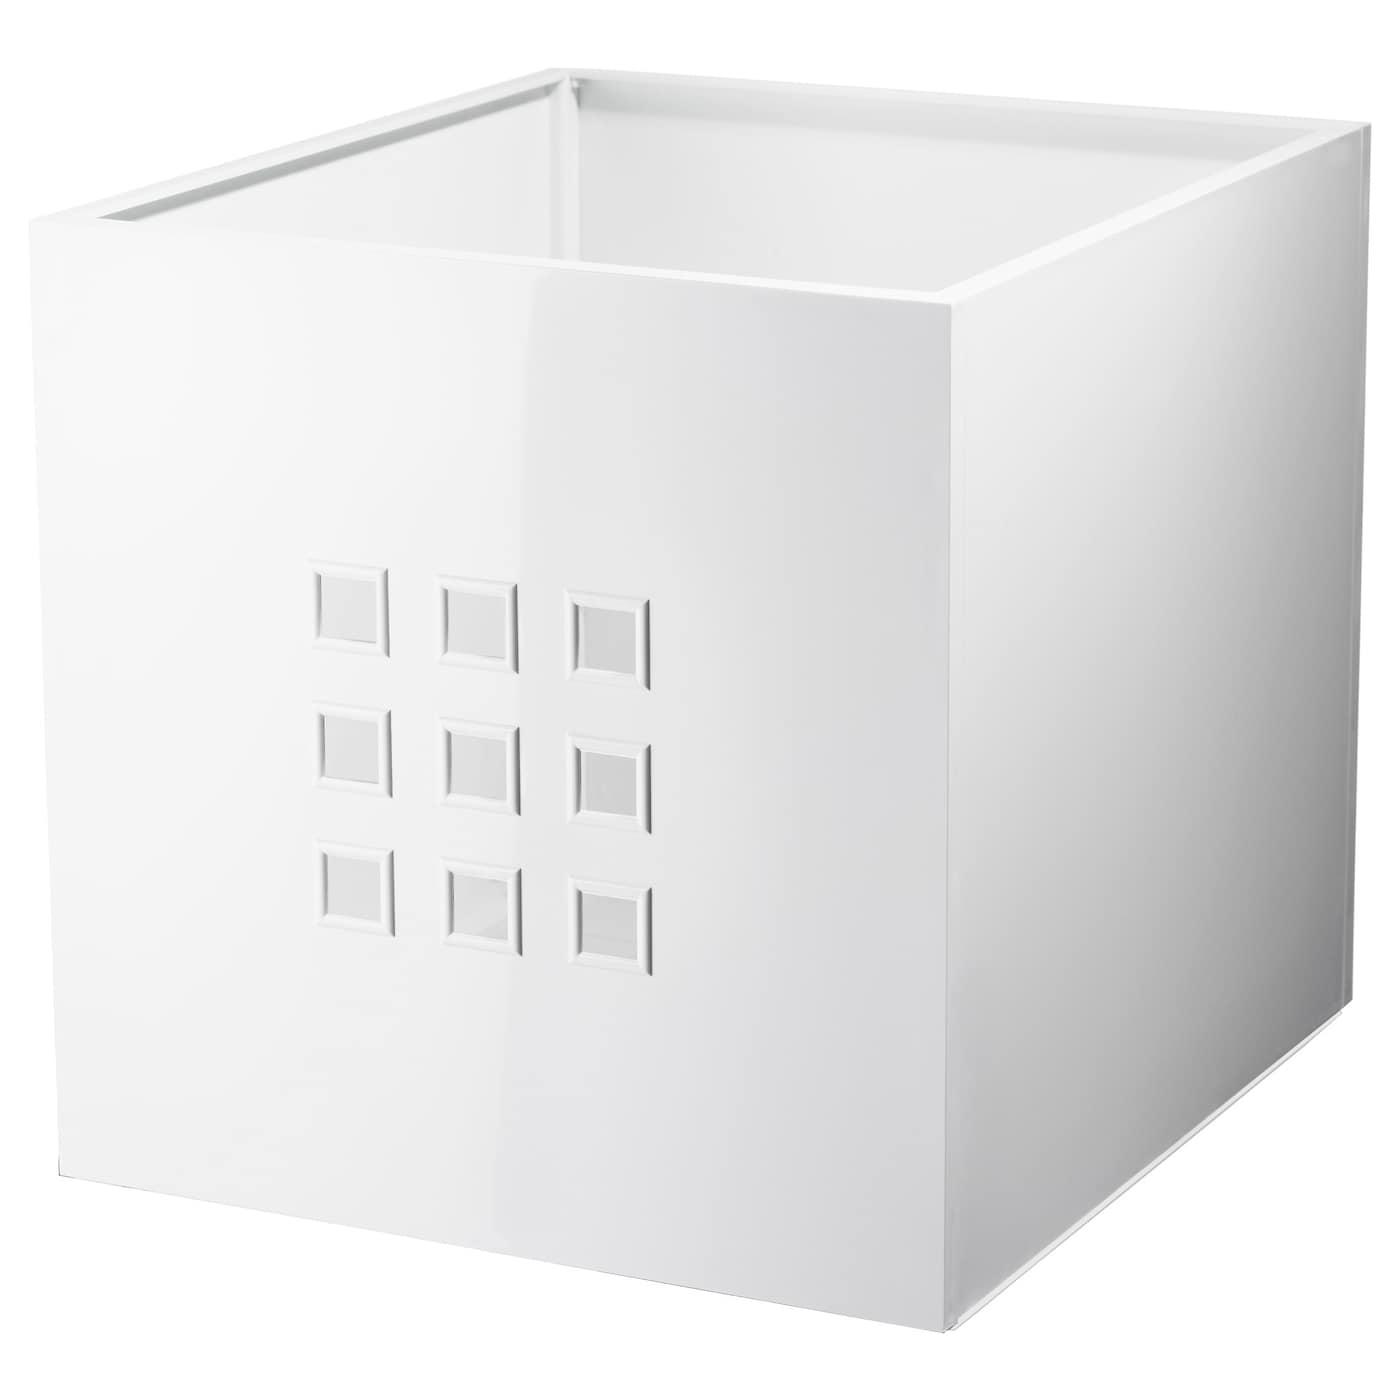 Lekman Caja Blanco 33 X 37 X 33 Cm Ikea